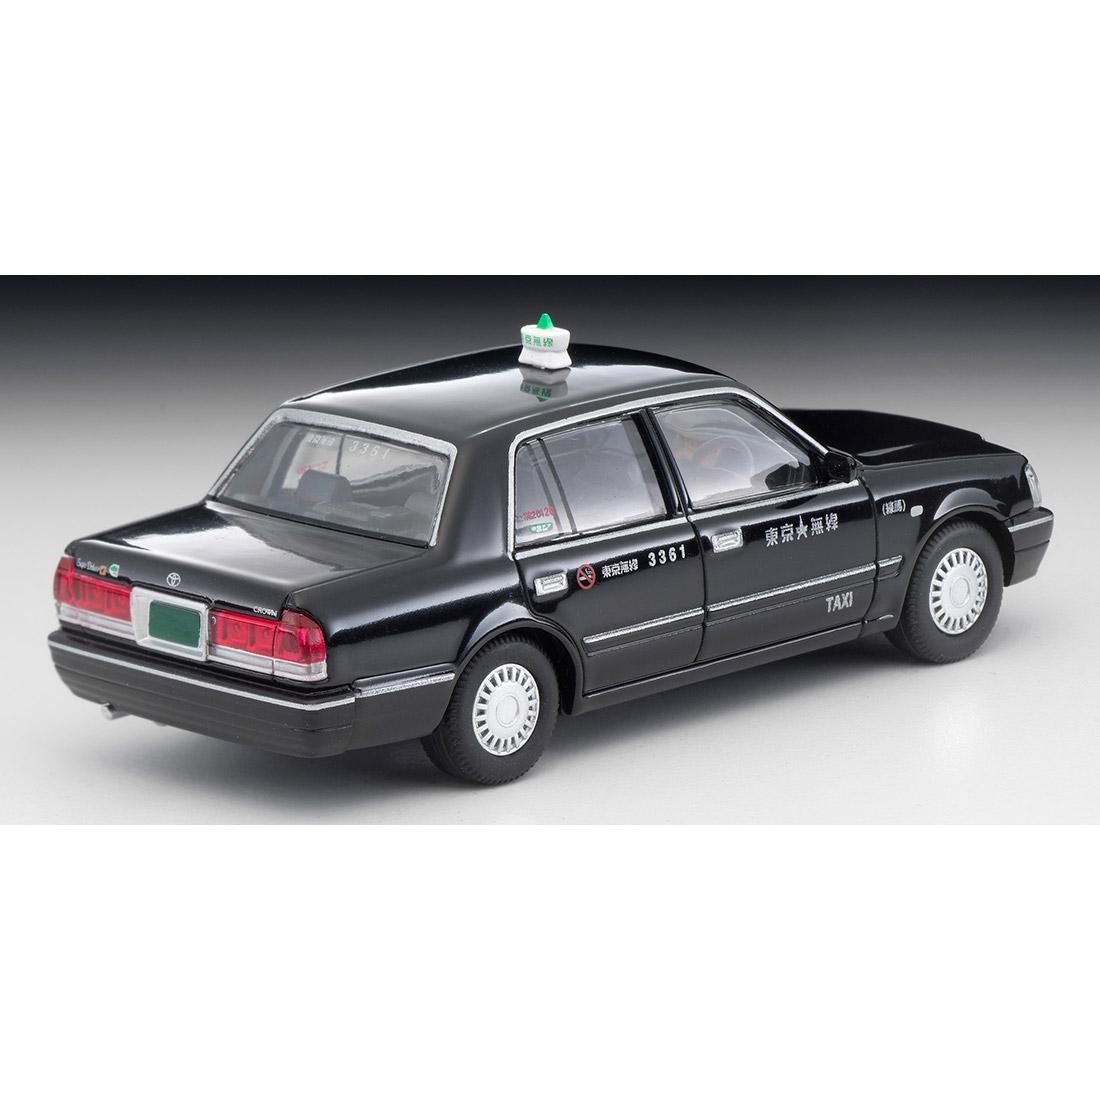 トミカリミテッド ヴィンテージ ネオ TLV-NEO『LV-N218a トヨタ クラウンコンフォート 東京無線タクシー(緑)』1/64 ミニカー-011